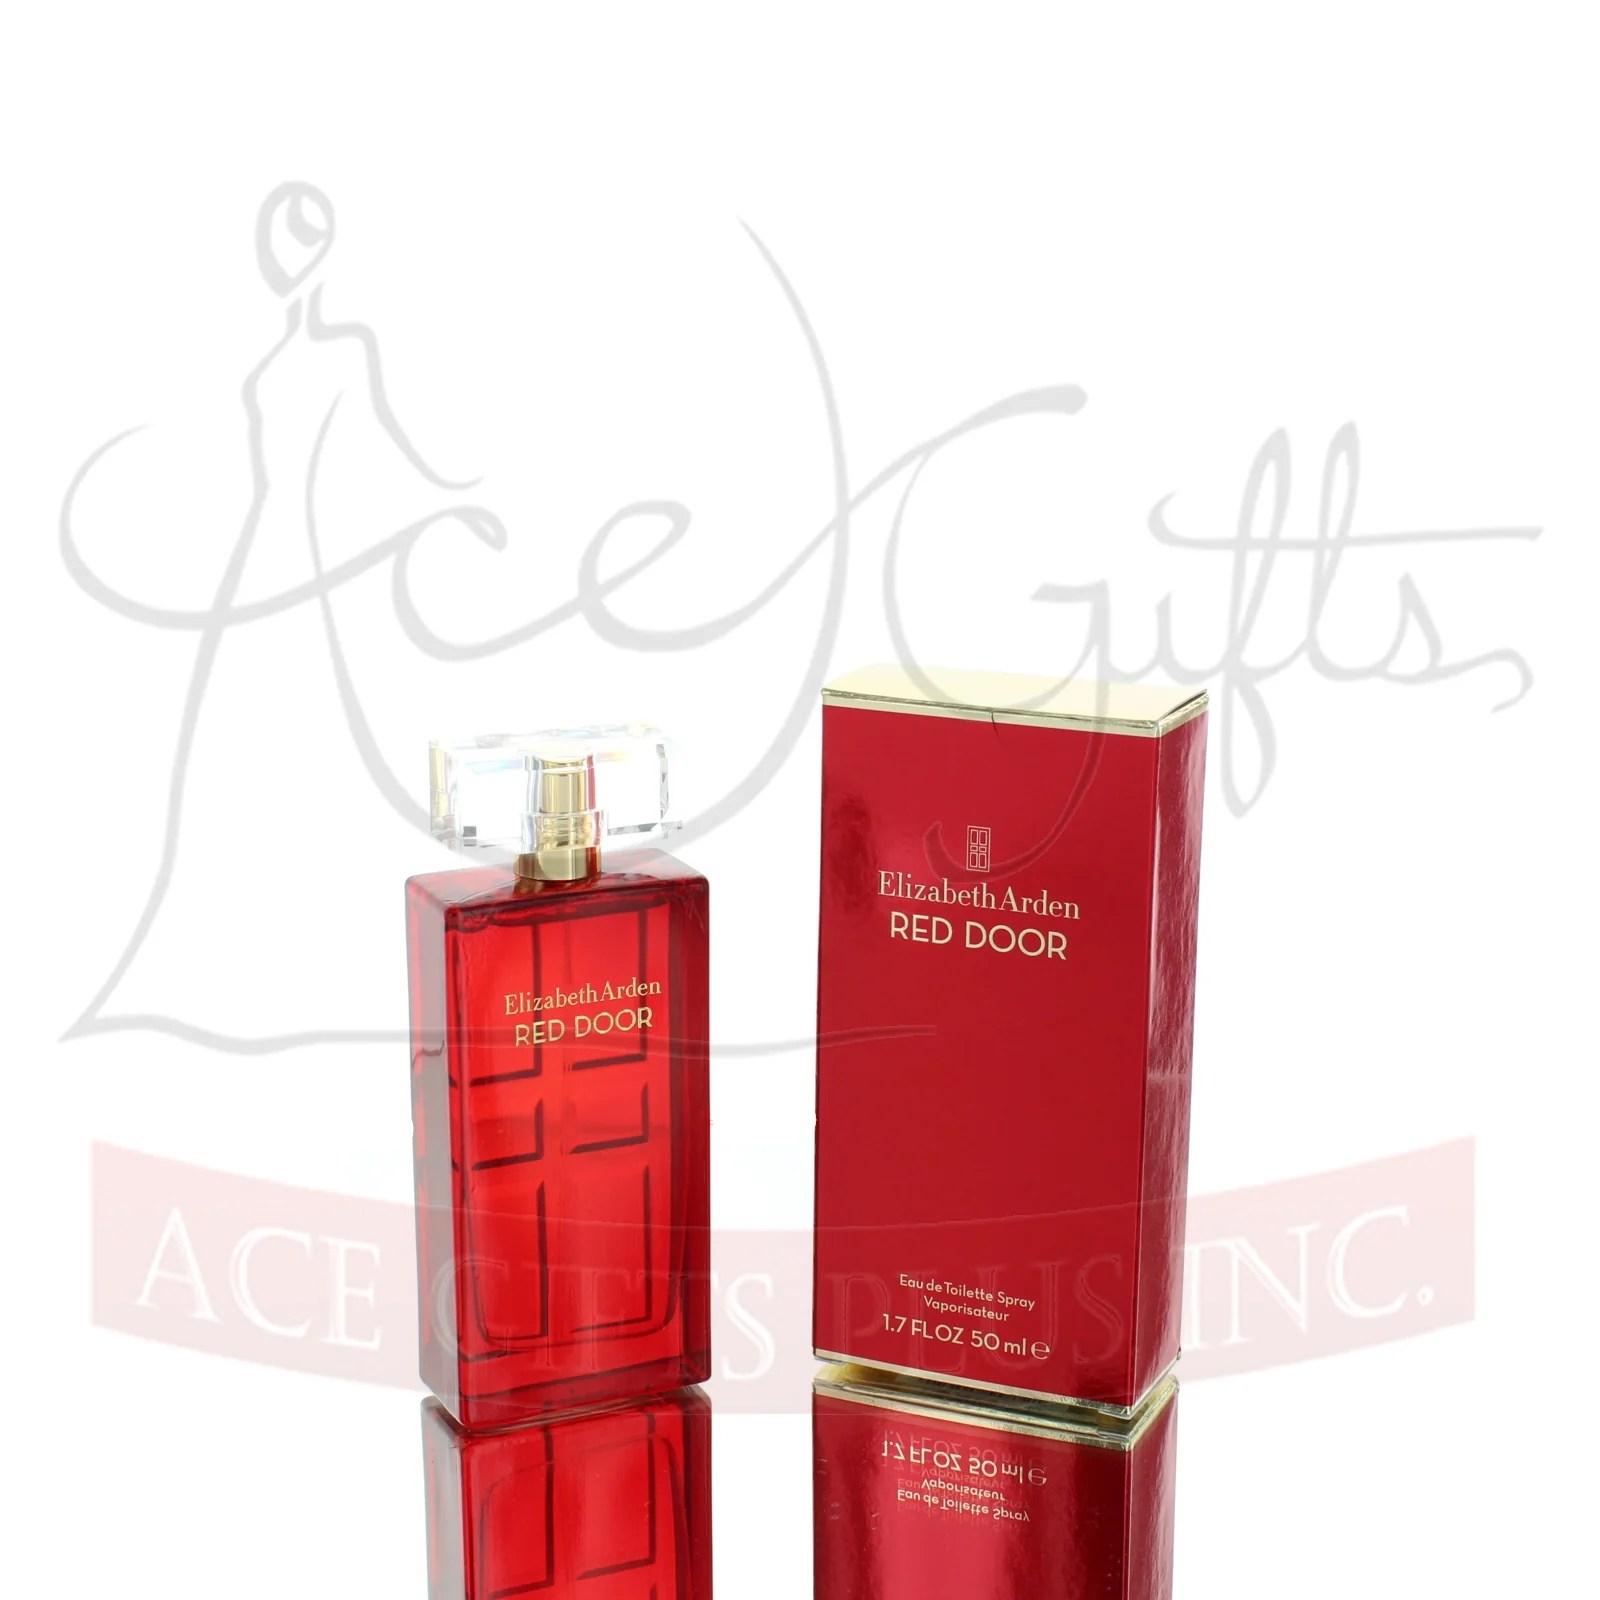 Elizabeth Arden Perfume Outlet